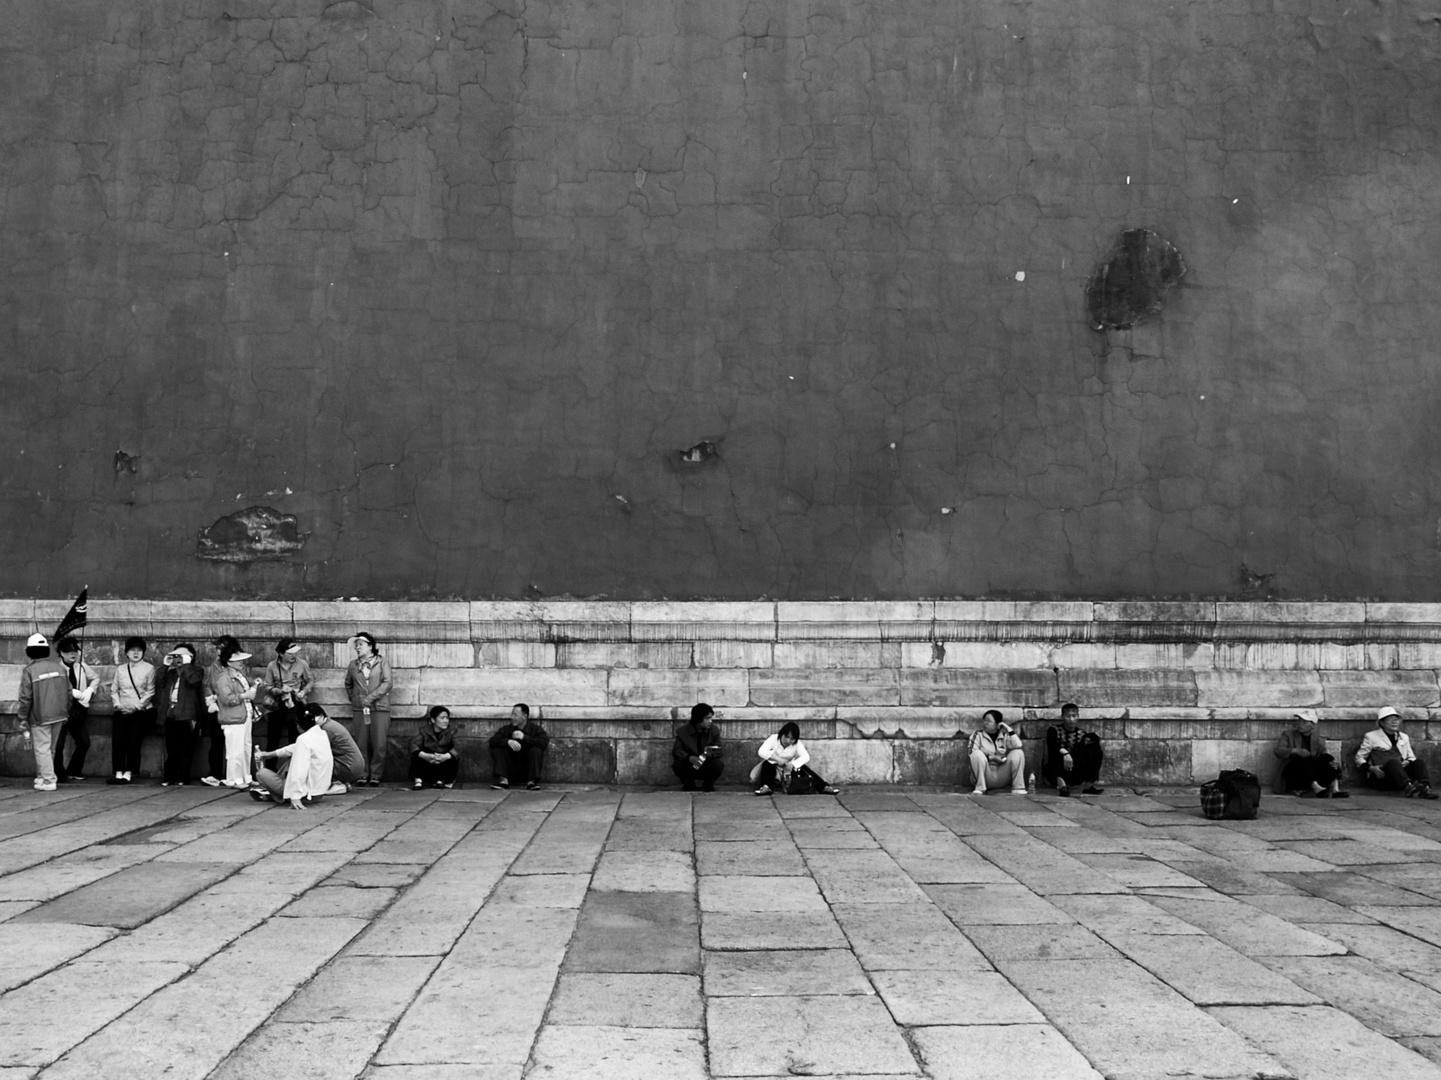 Wartend vor dem Palast